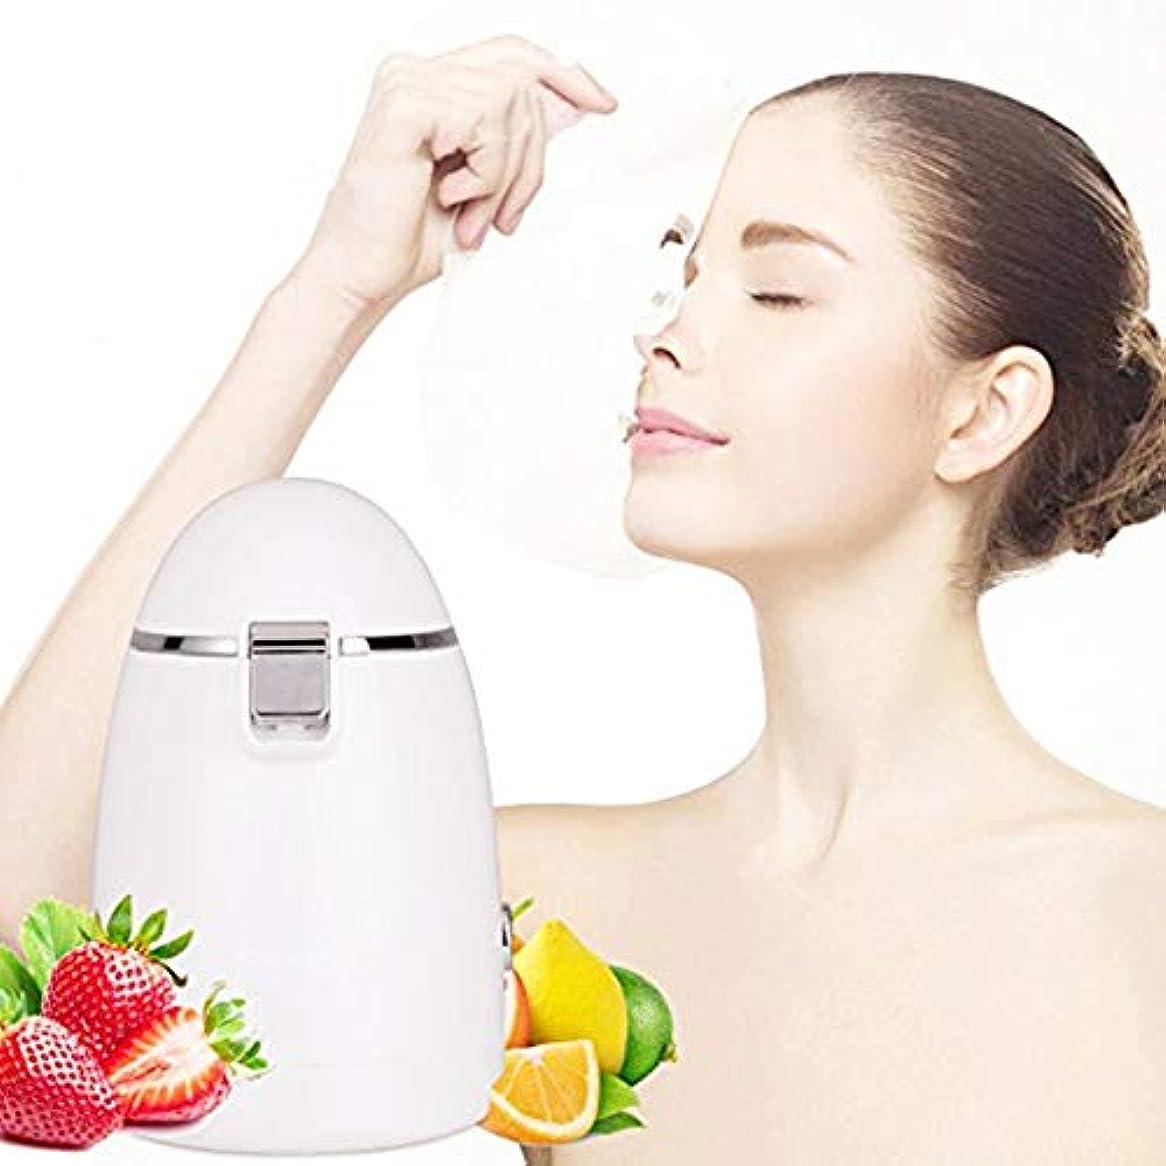 検閲差し控えるグローブマスクマシン、自家製家庭用マスクマシン自動多機能攪拌加熱果物と野菜 DIY マスクフルーツマスク